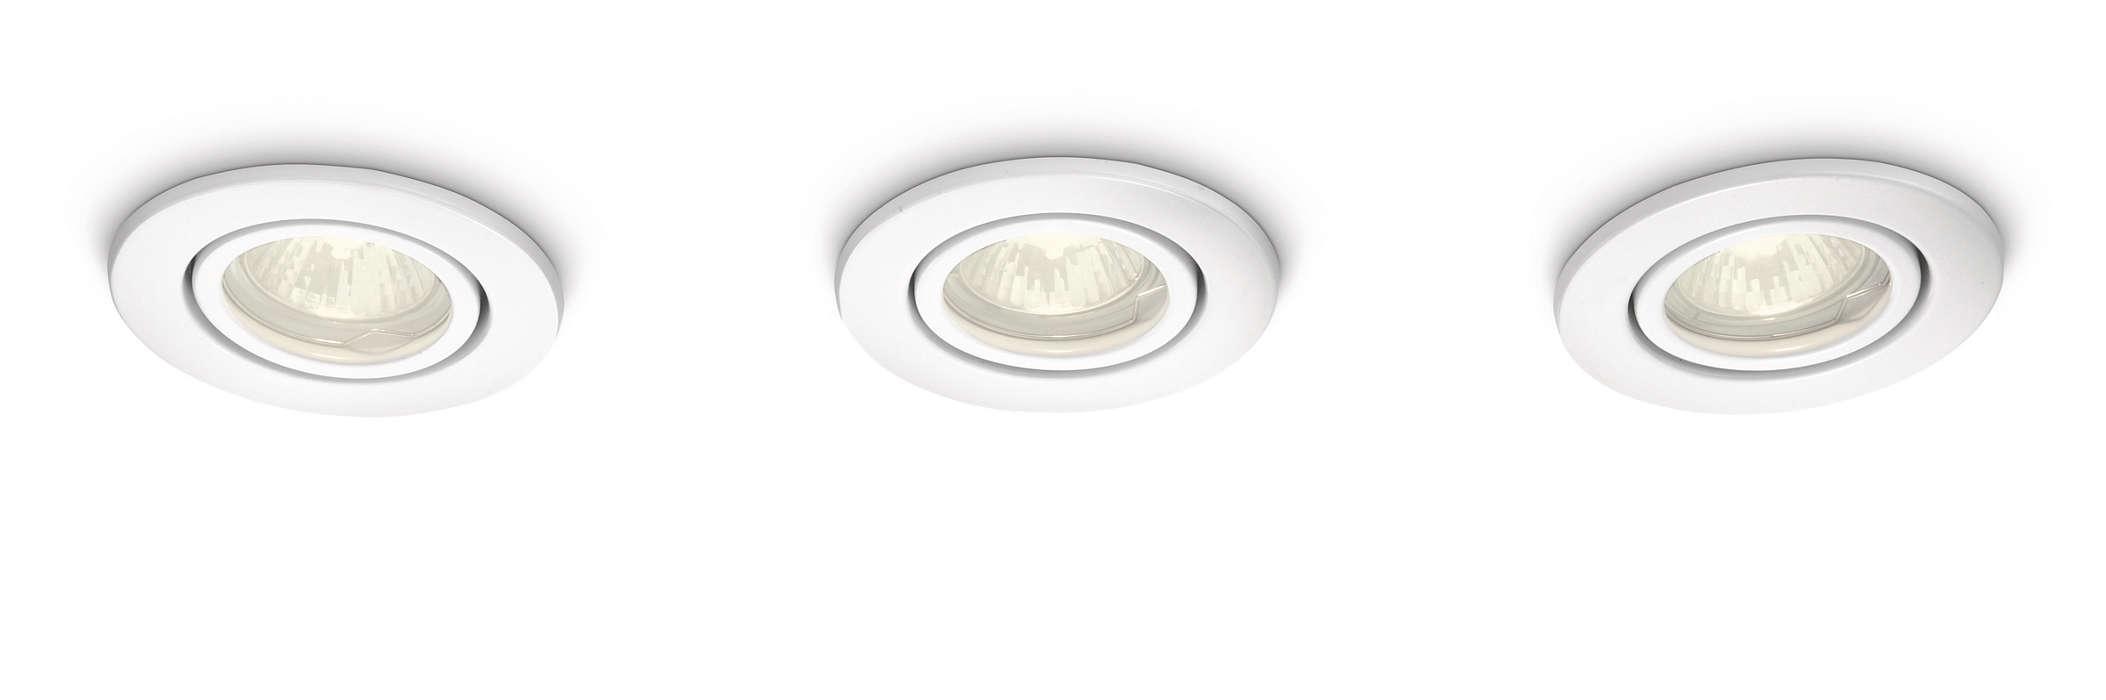 Frissüljön fel a gyönyörű természetes fénnyel